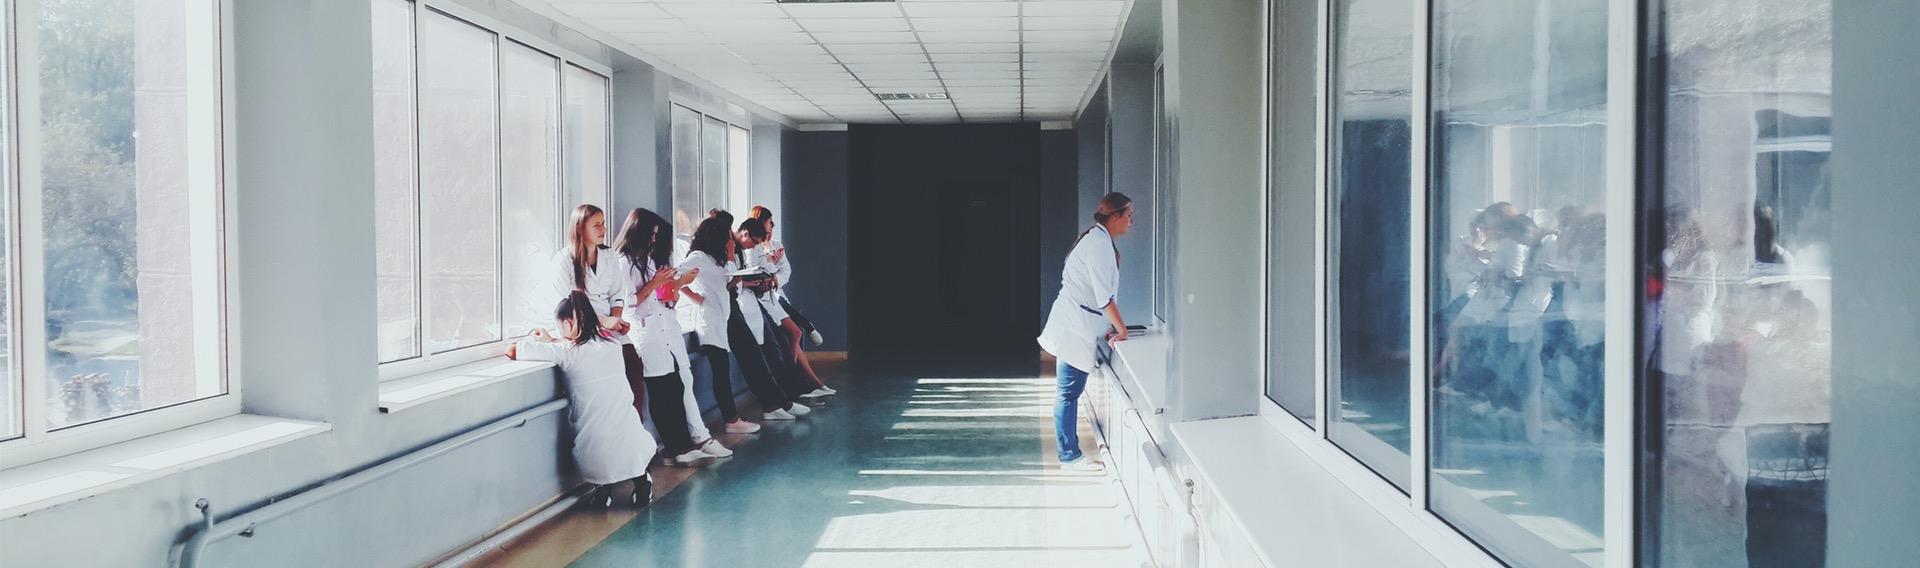 Døgnrytmelys på hospital